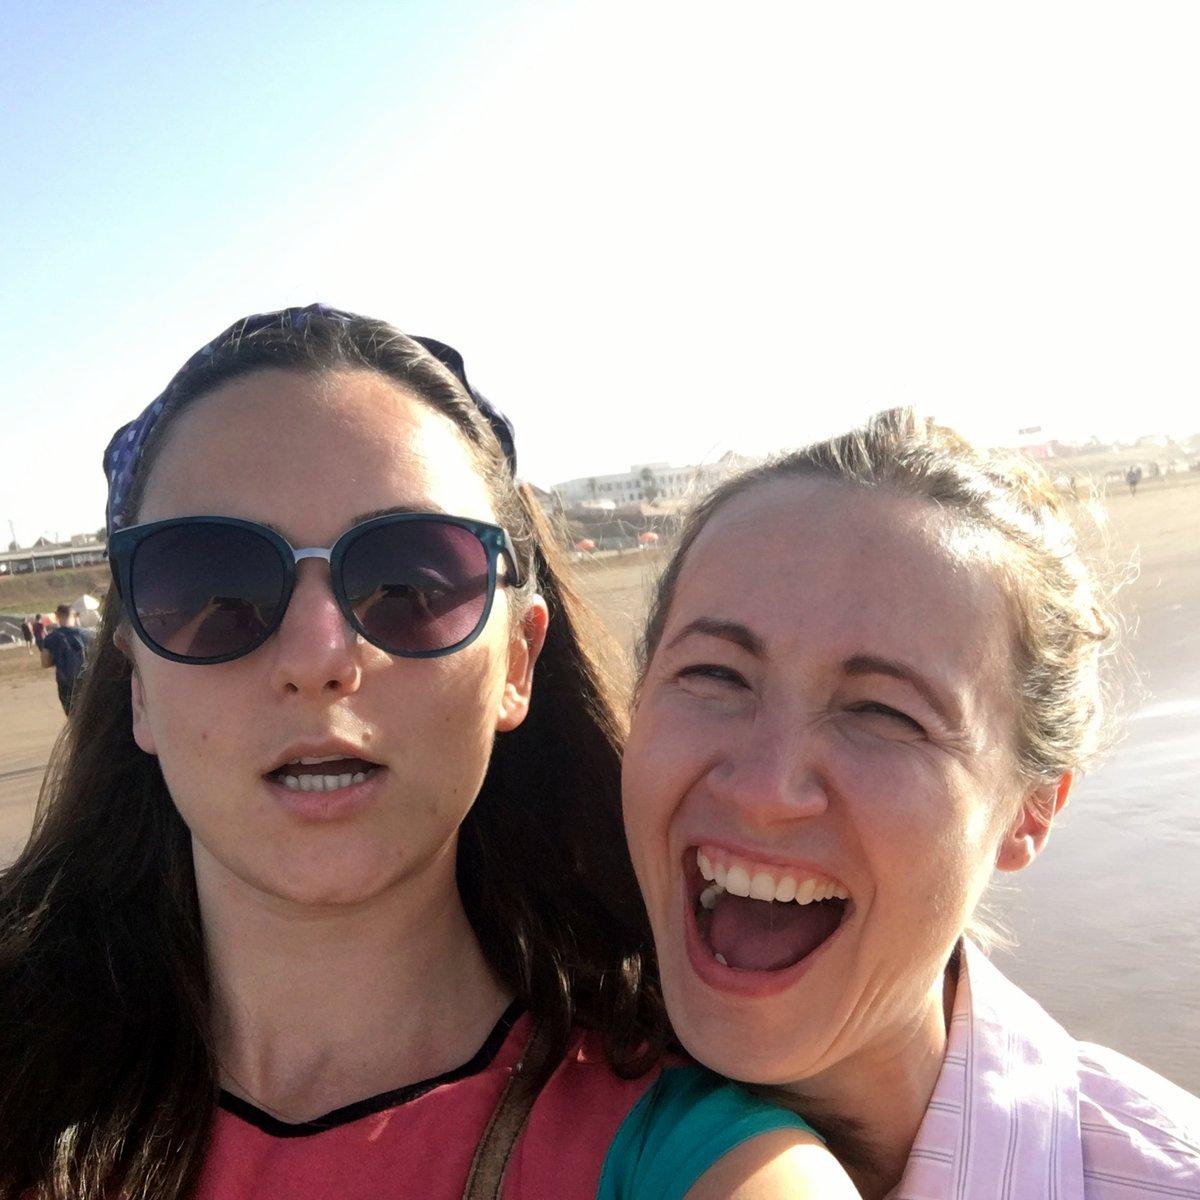 când ești Marina și încerci să faci o poză prietenilor dar iese un selfie pentru că ai activat fron camera